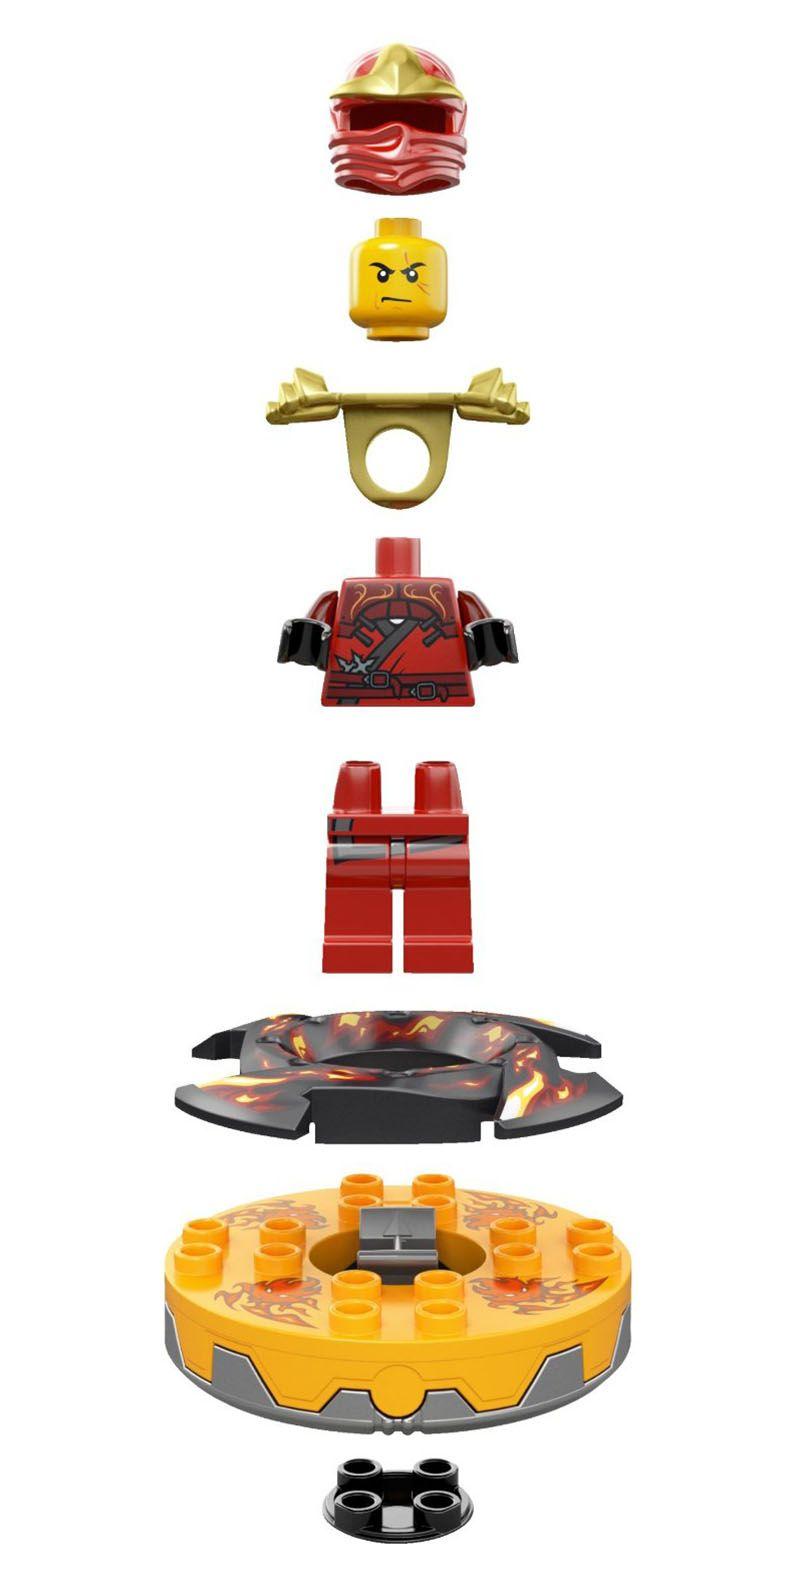 Lego ninjago 9561 pas cher kai zx - Dessin de ninjago a imprimer ...